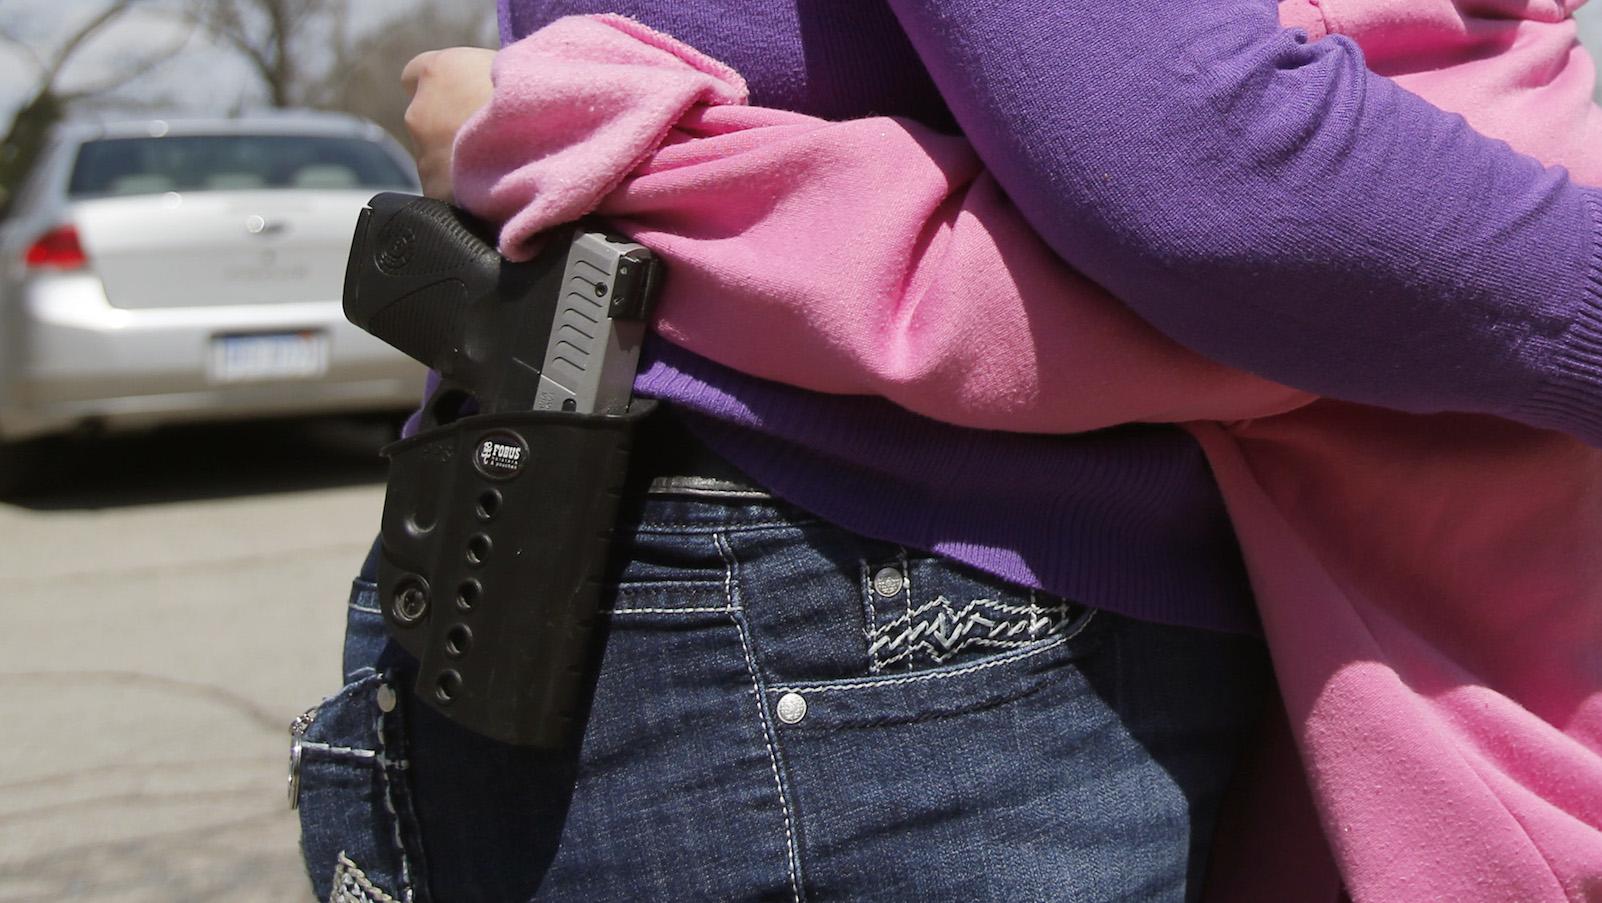 Mommy's got a gun.